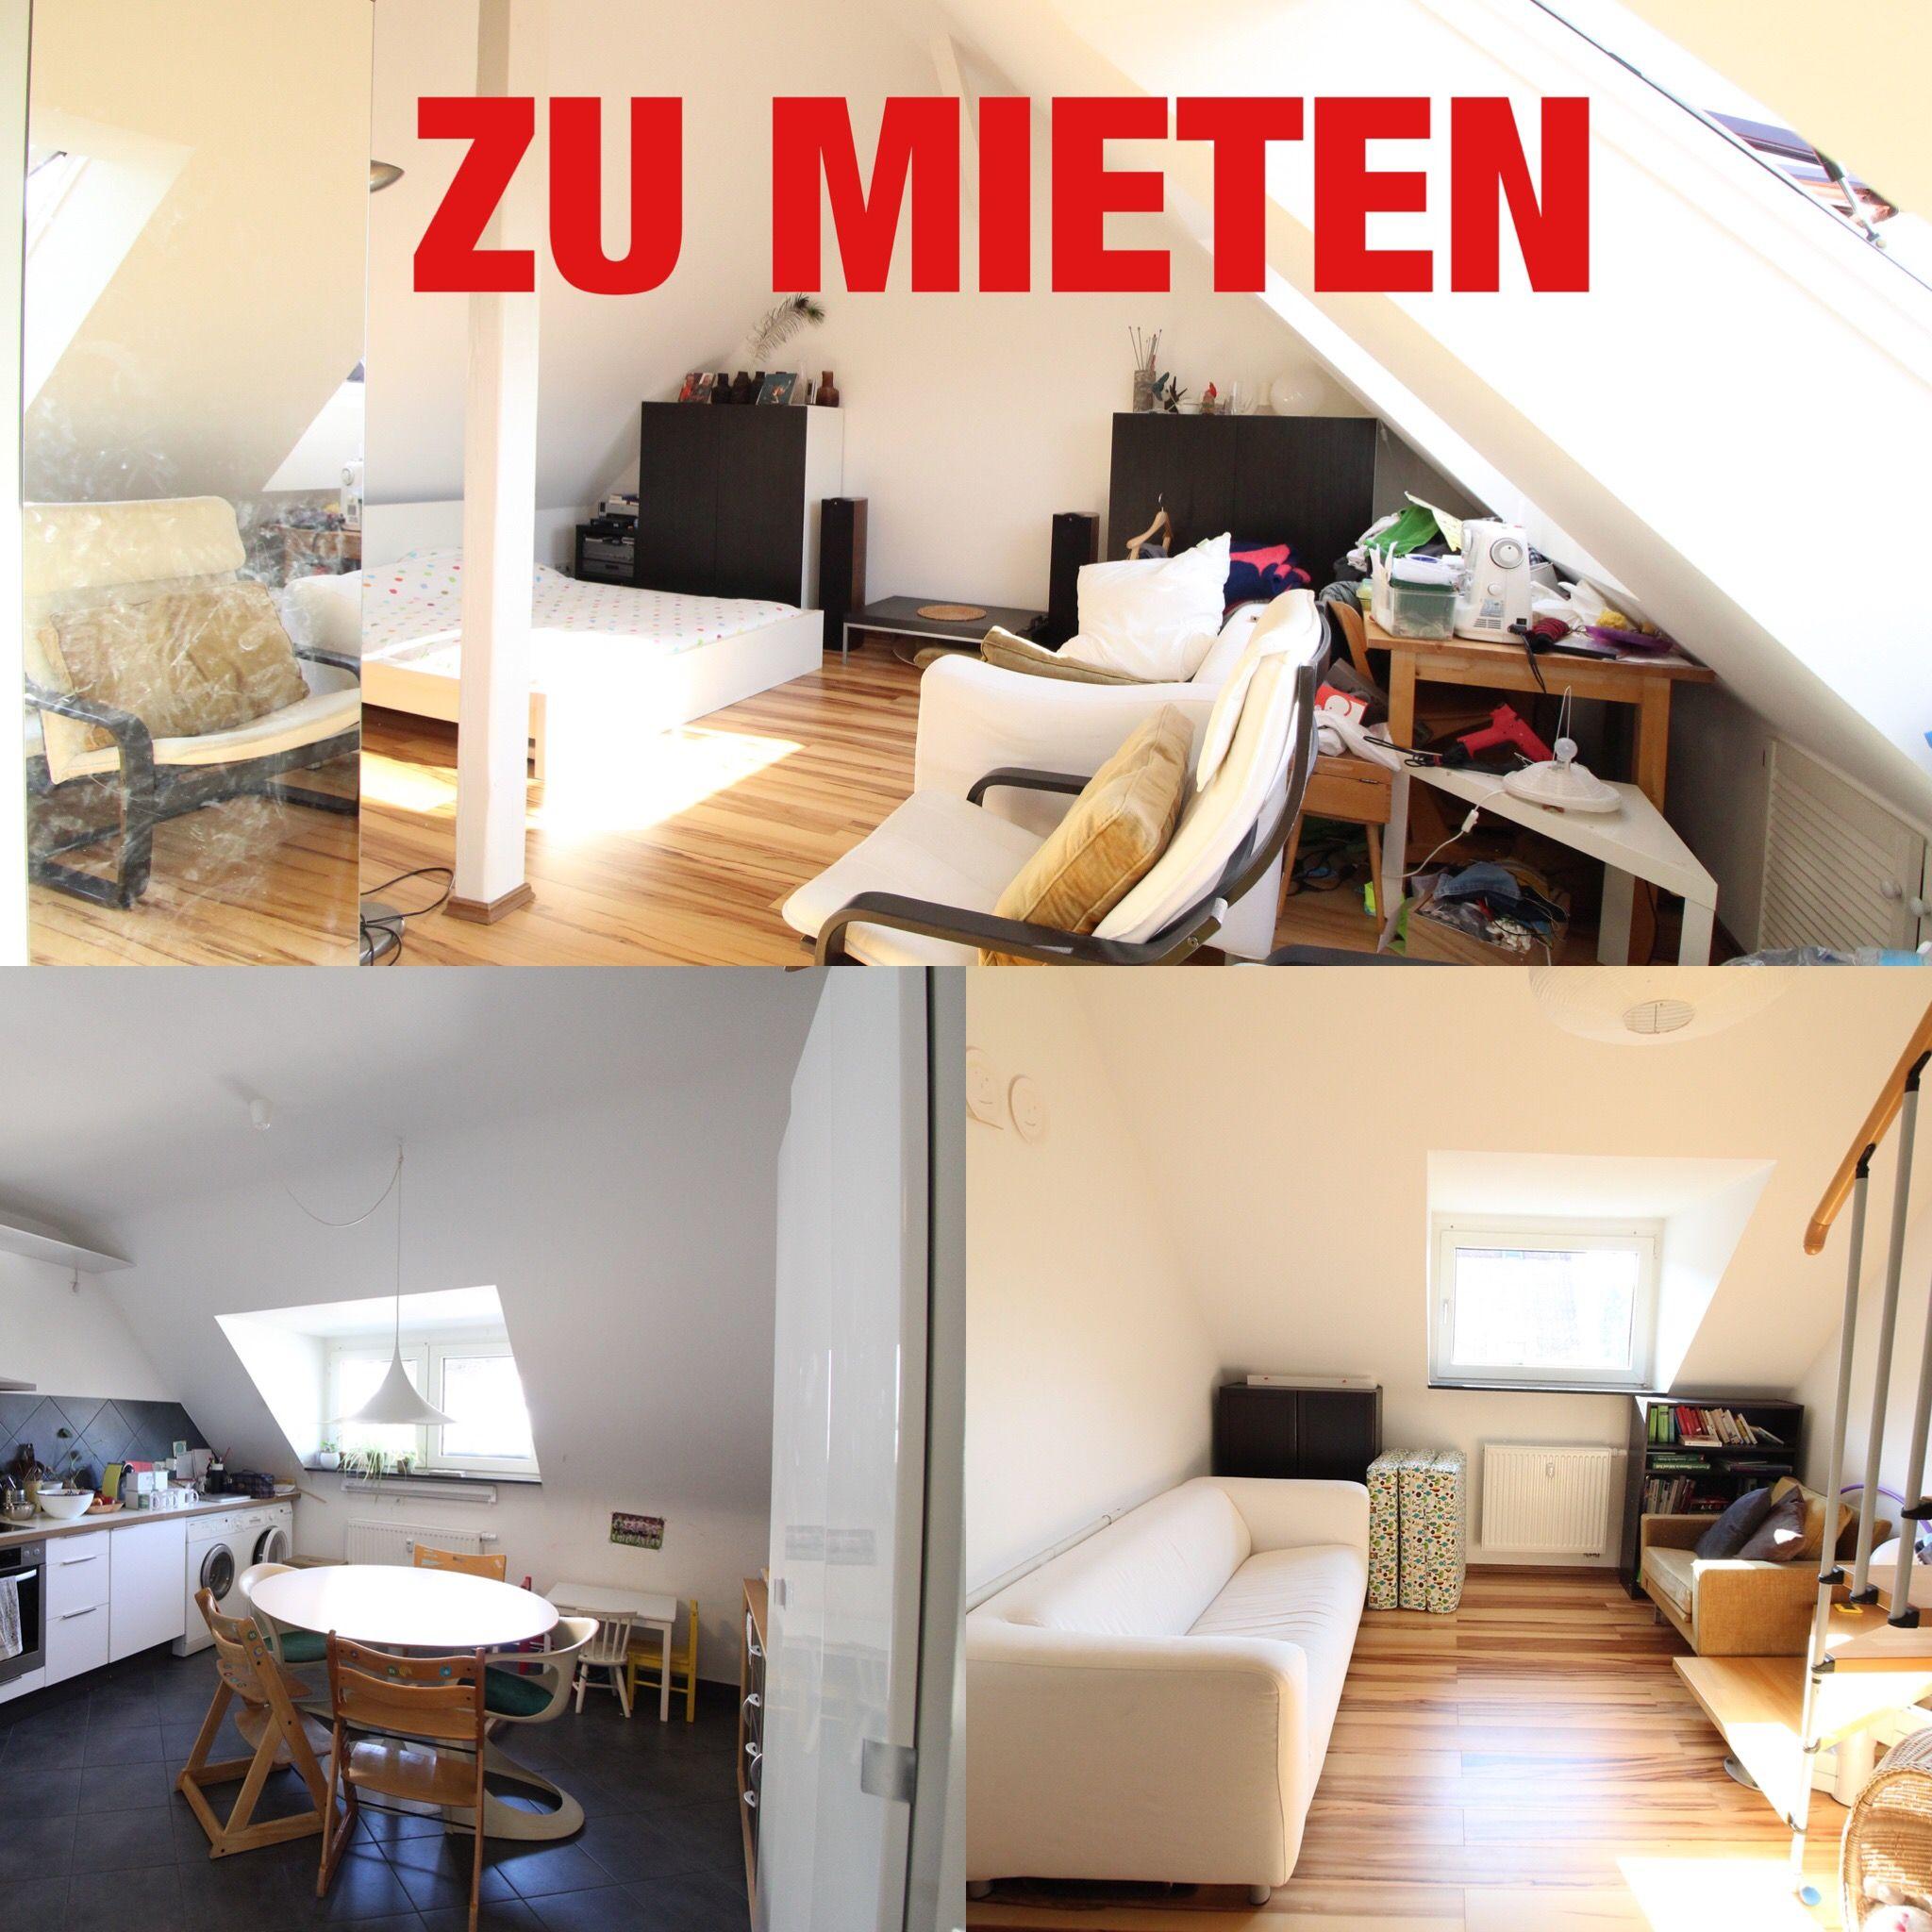 Zu Mieten Karlsruhe Muhlburg W4 Immobilien Bvfi Makler Immobilienmakler Immowissen Investment Zuverkaufen Immobilienmakler Immobilien Haus Verkaufen